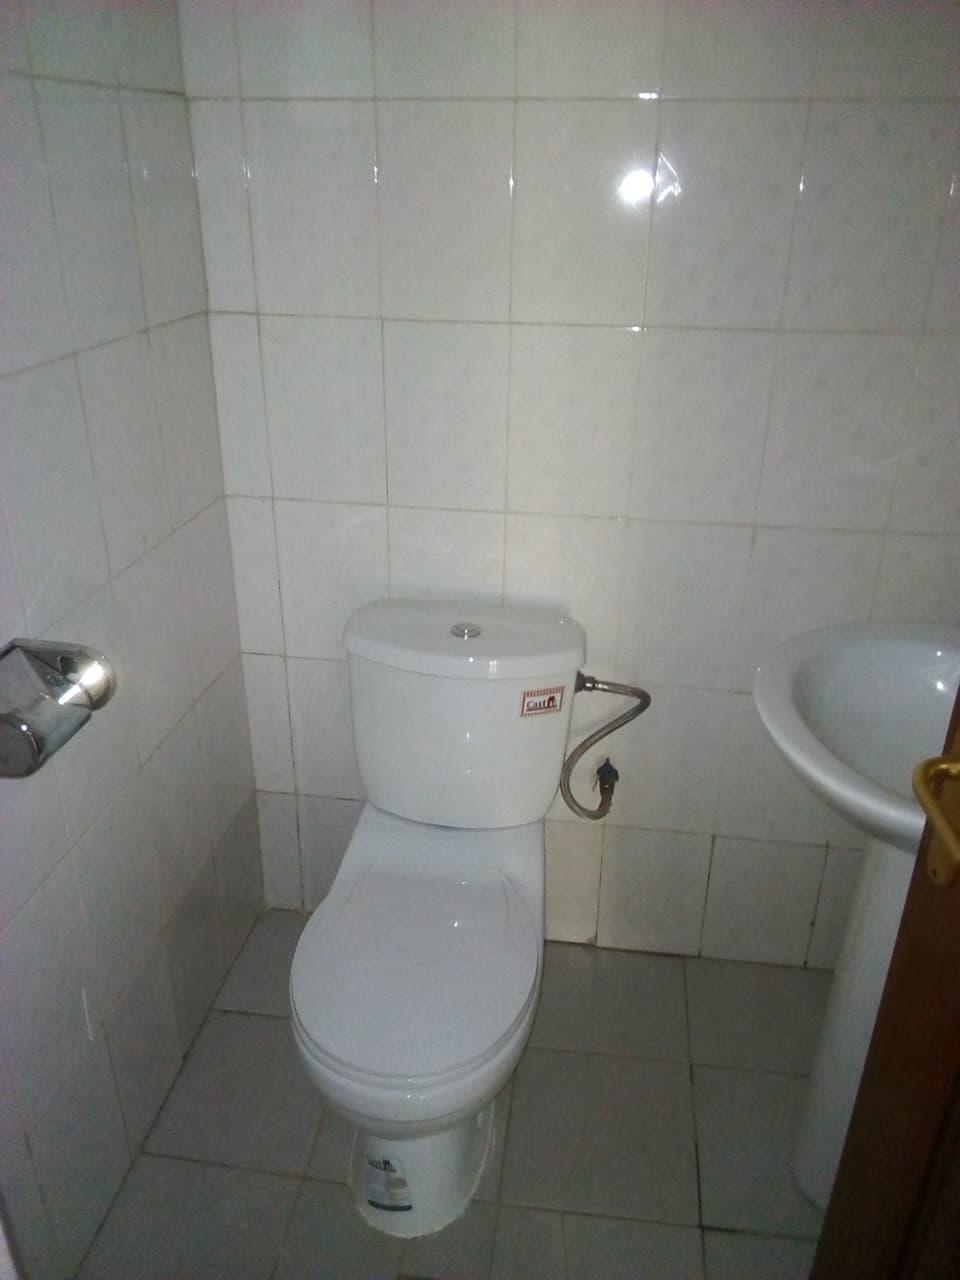 Apartment to rent - Yaoundé, Mfandena, pas loin de lecole - 1 living room(s), 2 bedroom(s), 3 bathroom(s) - 300 000 FCFA / month